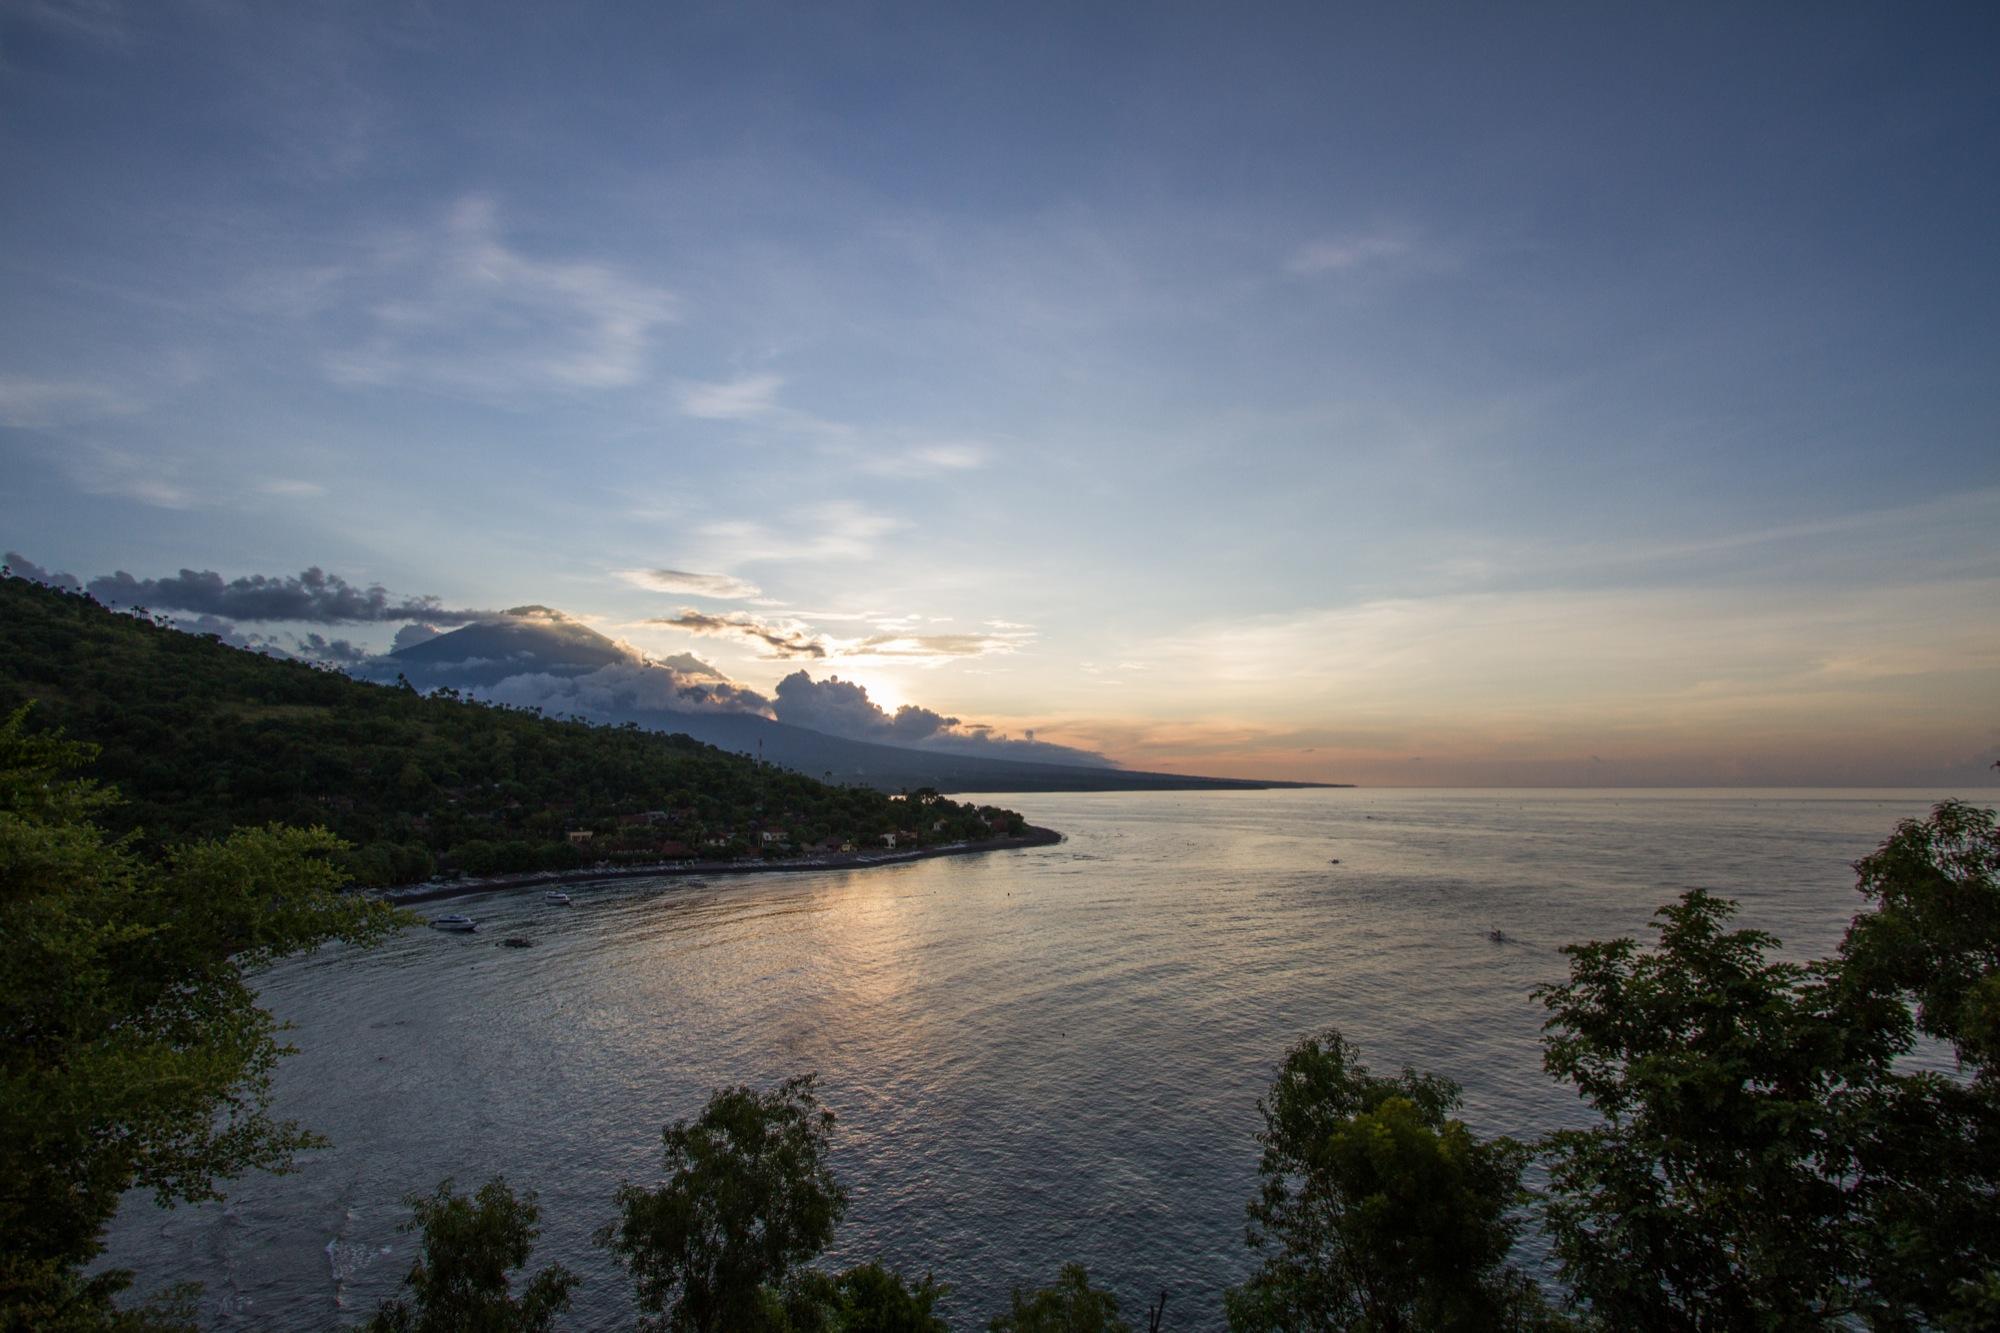 voyage-indonesie-amed-12